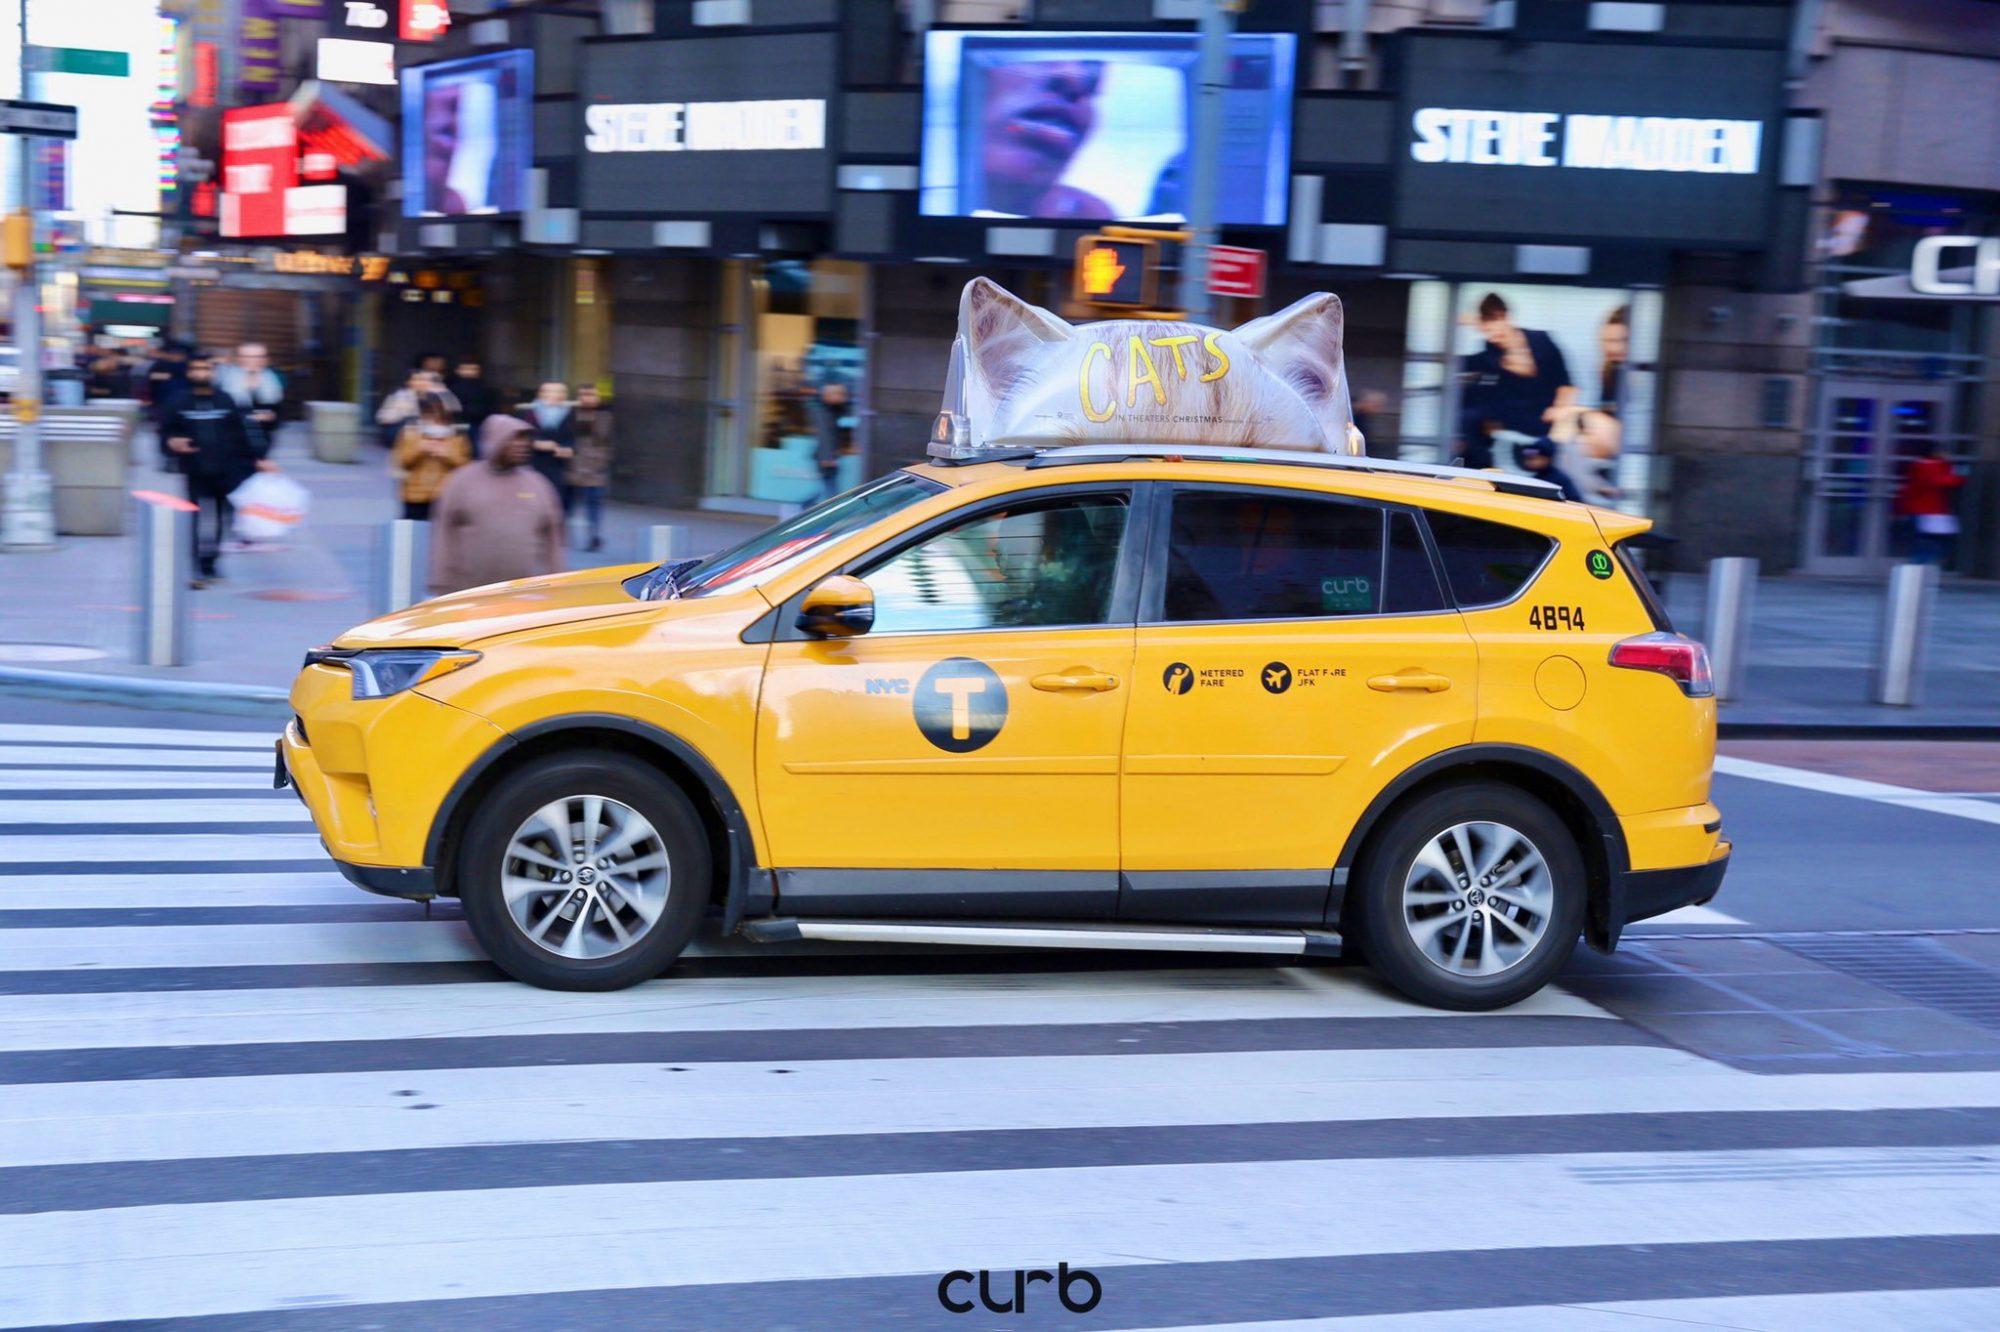 Cats: i taxi di New York e l'insolita campagna pubblicitaria thumbnail